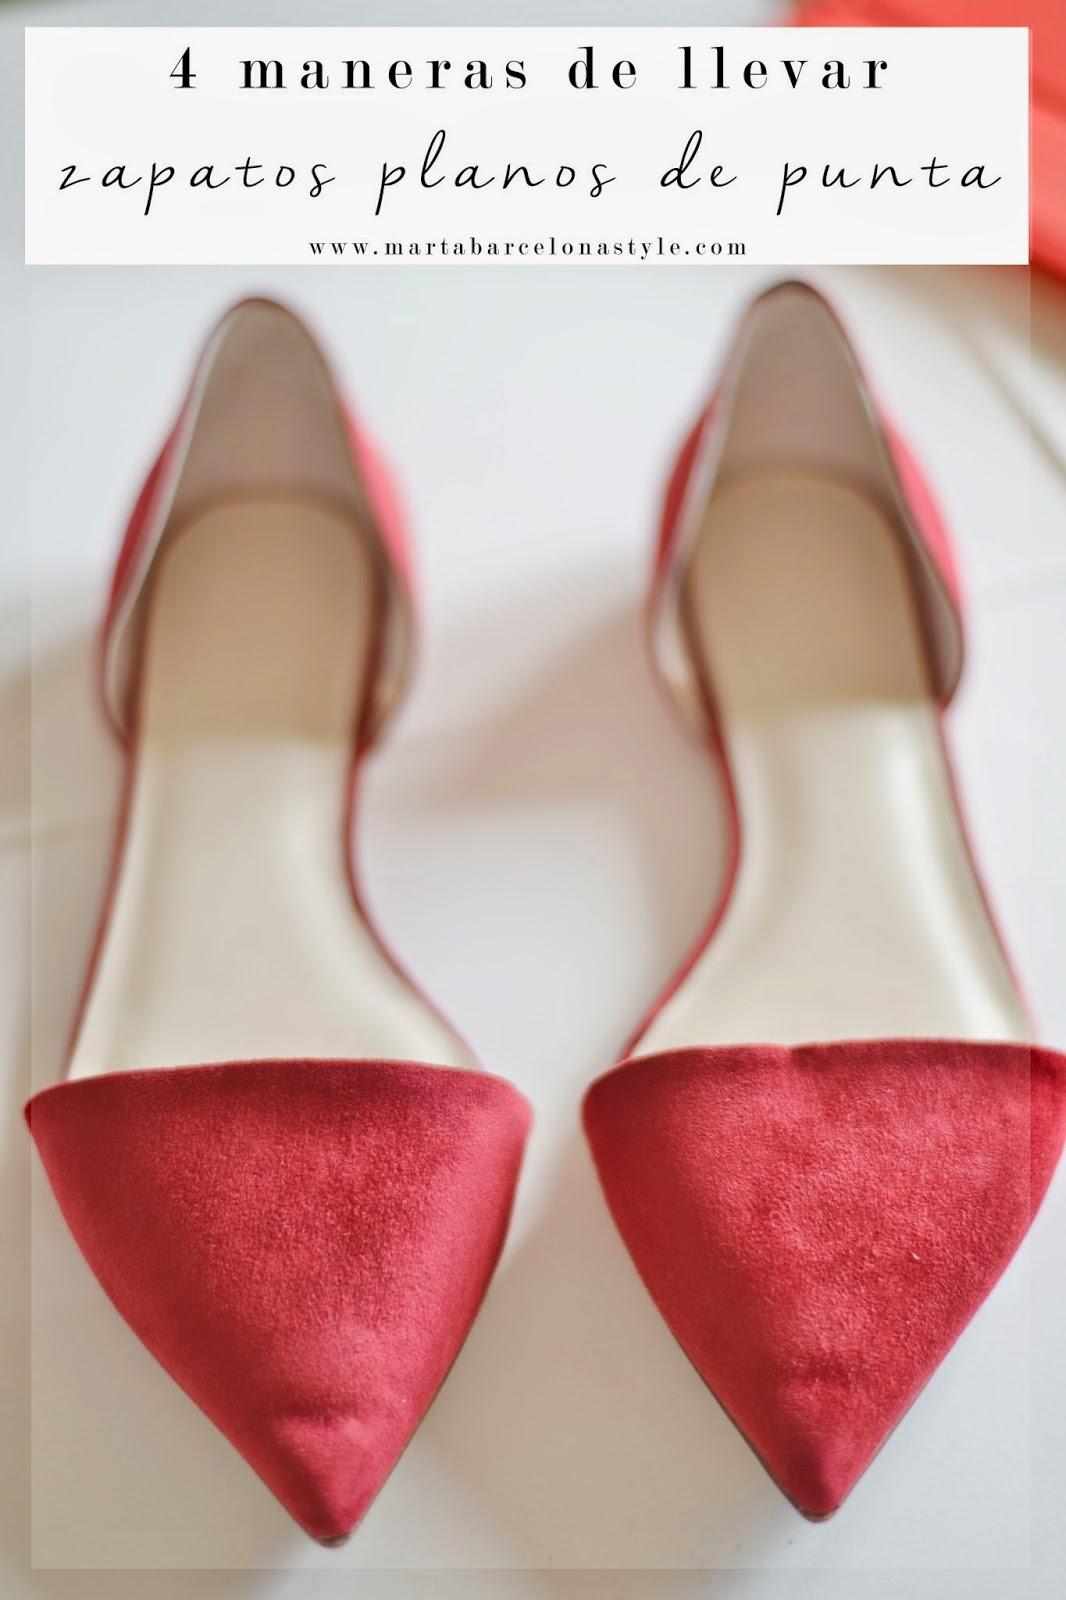 4 maneras de llevar zapatos planos de punta